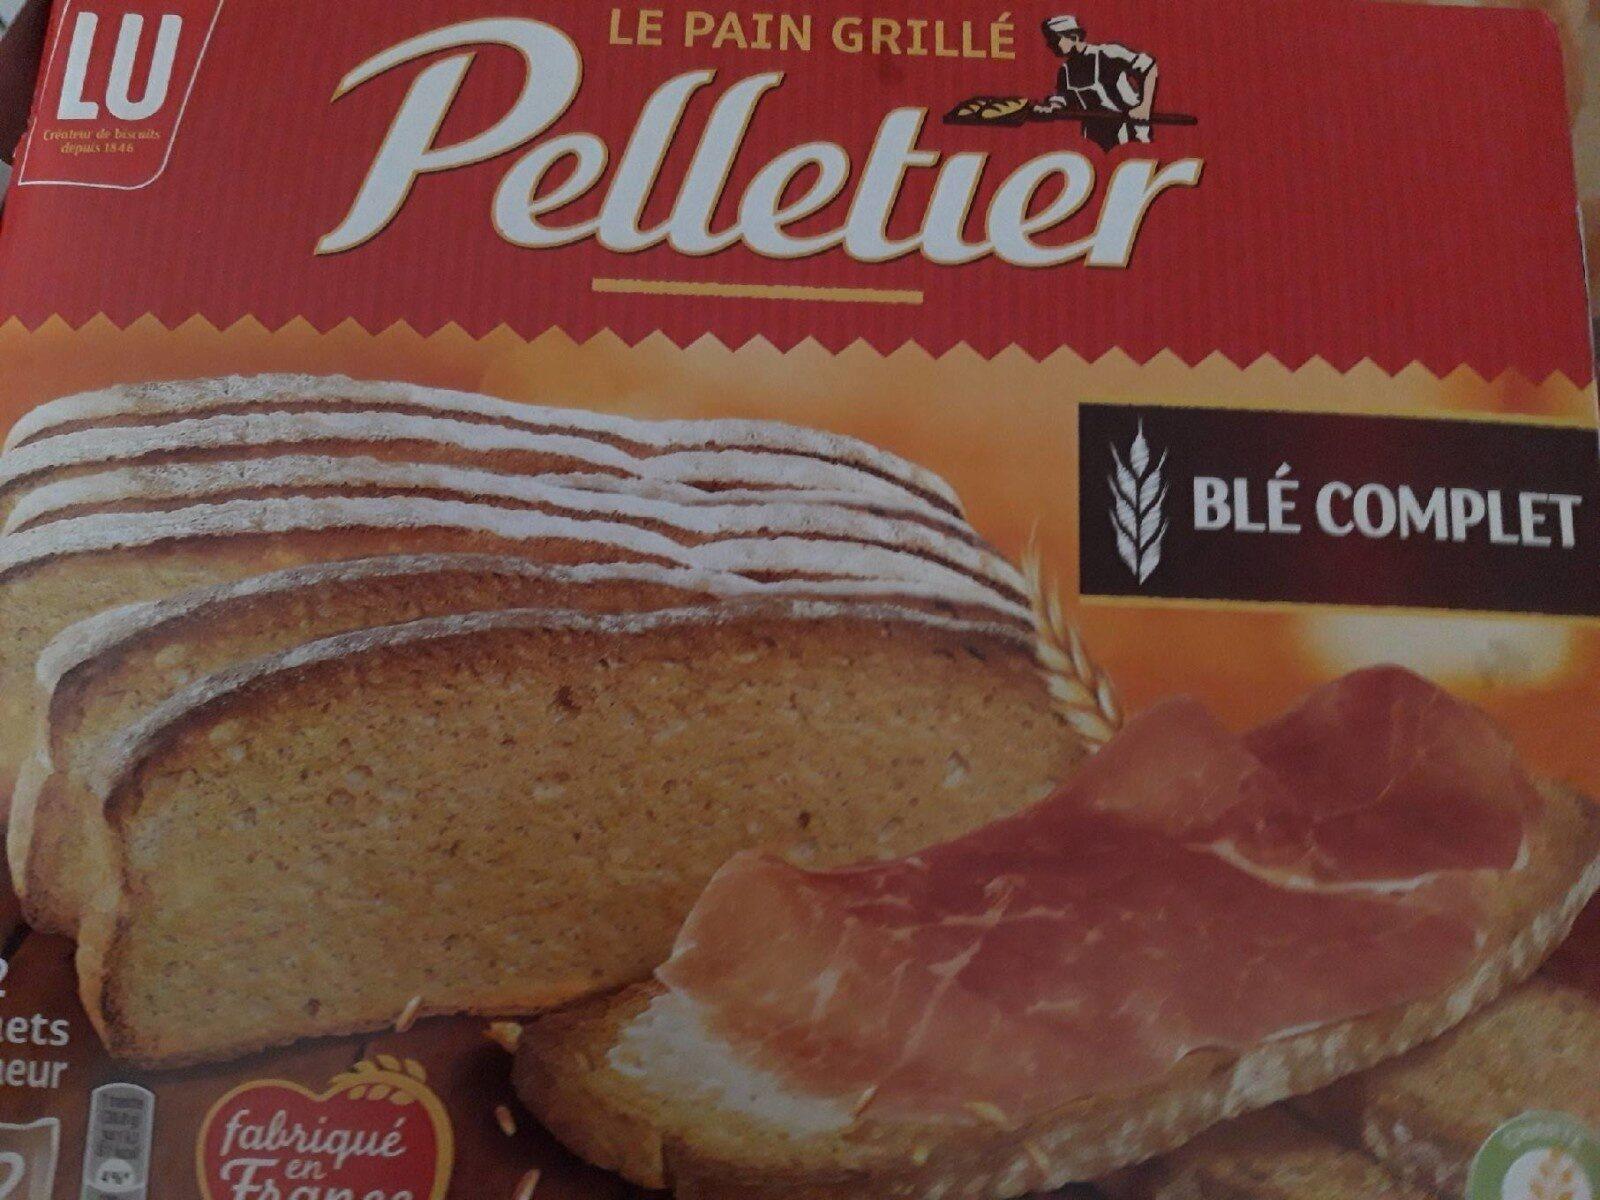 BISCOTTES AU BLÉ COMPLET - Produit - fr